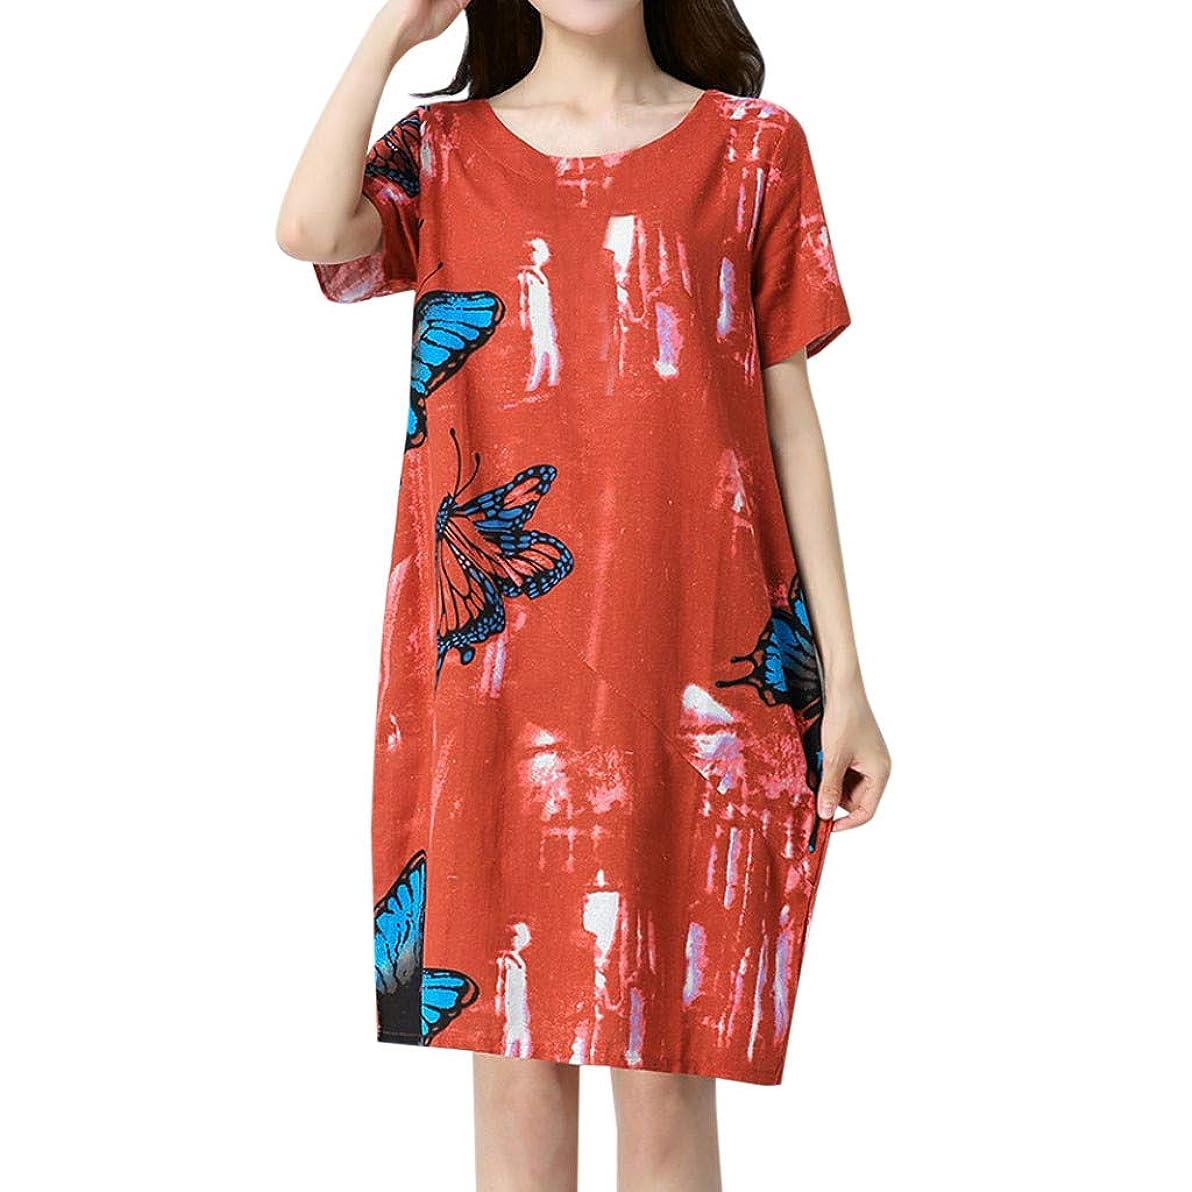 ワンピース レディース Rexzo 蝶柄 半袖 綿麻ワンピース ポケットあり カジュアル リネンワンピ おしゃれ 優しい風合い ワンピース ゆったり 体型カバー ドレスファッション 人気 スカート 日常 デート パーティー